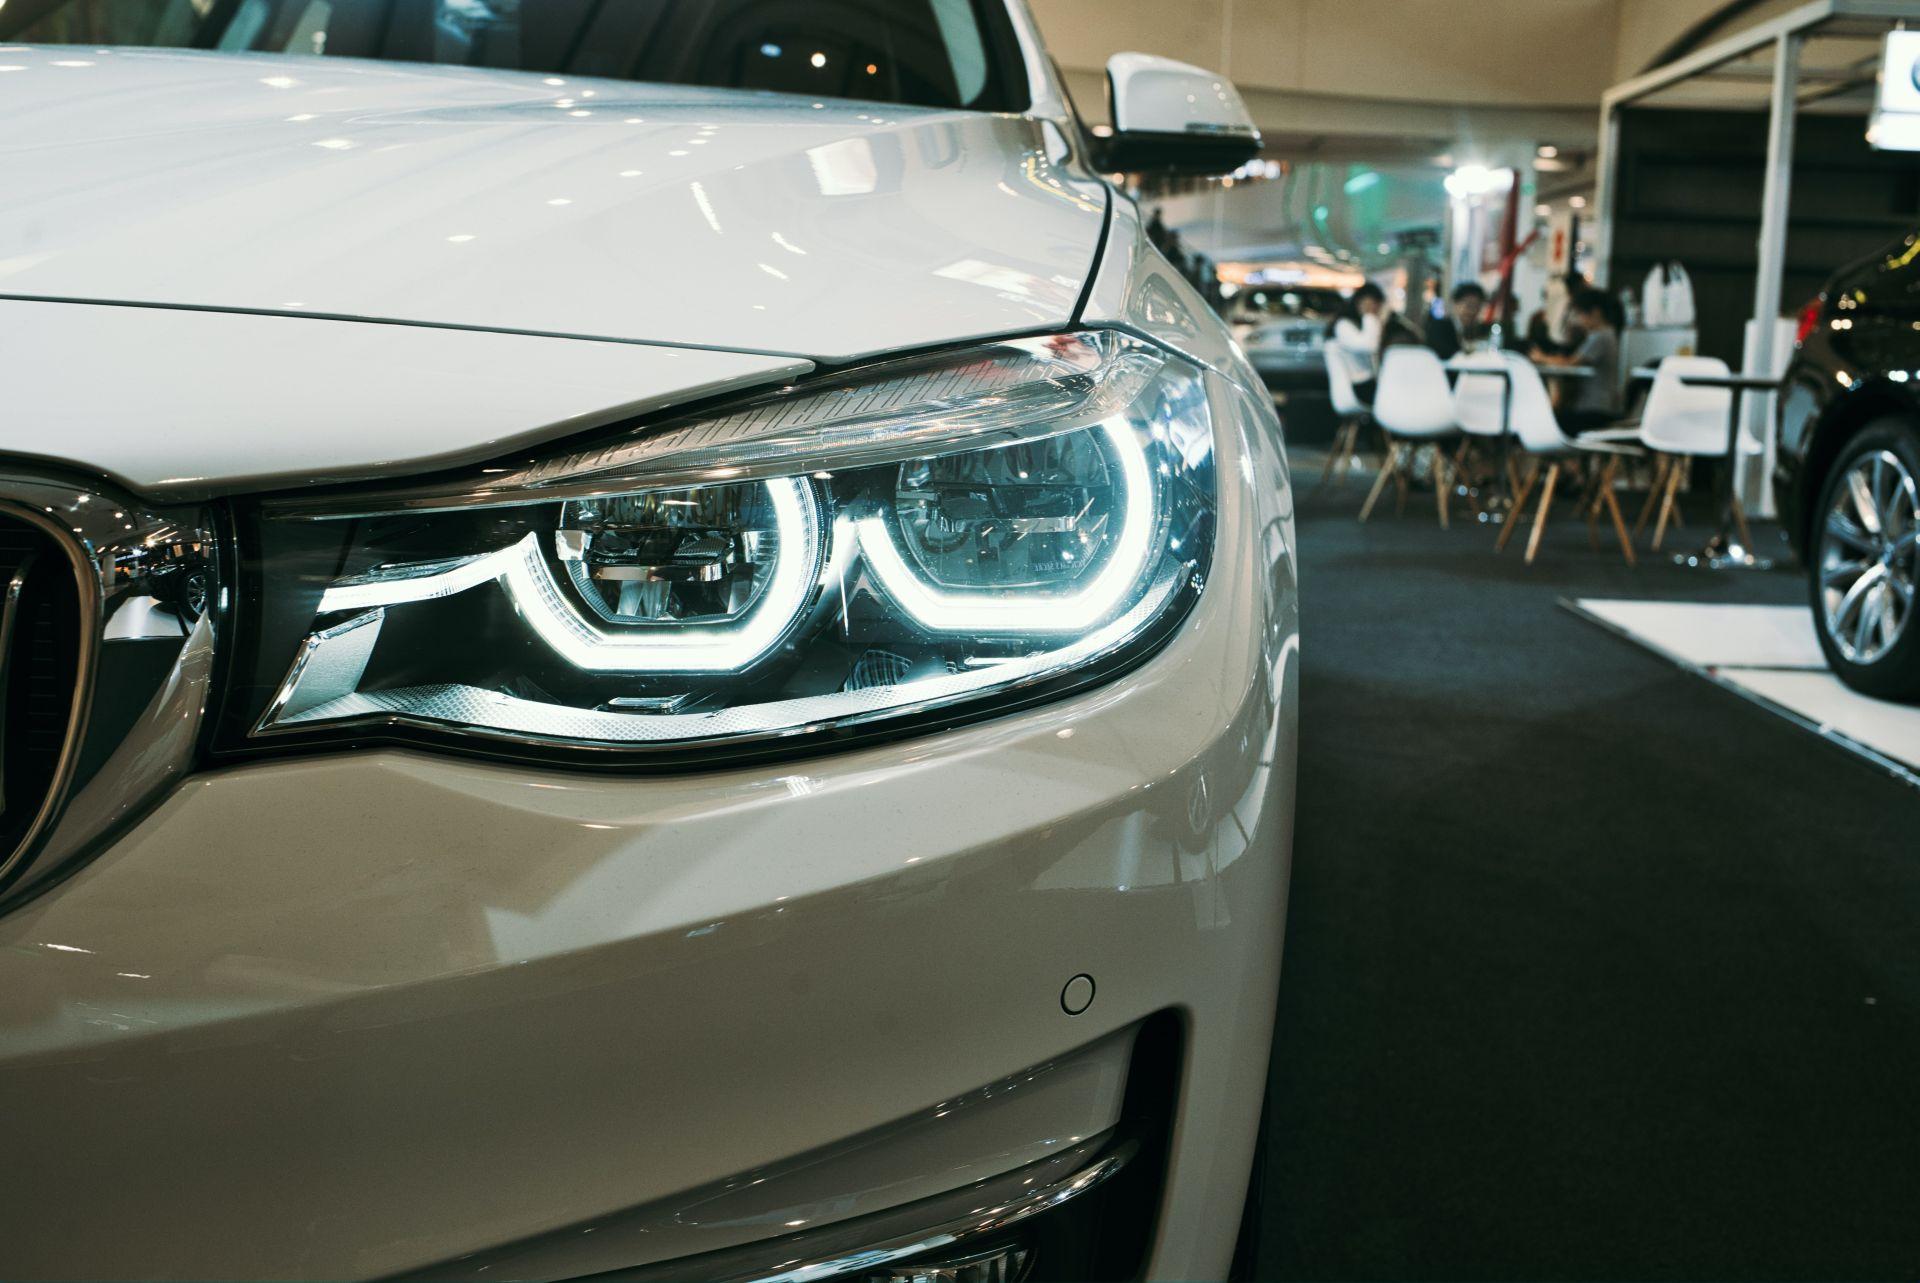 Zakaj se odločiti za poliranje avtomobila?